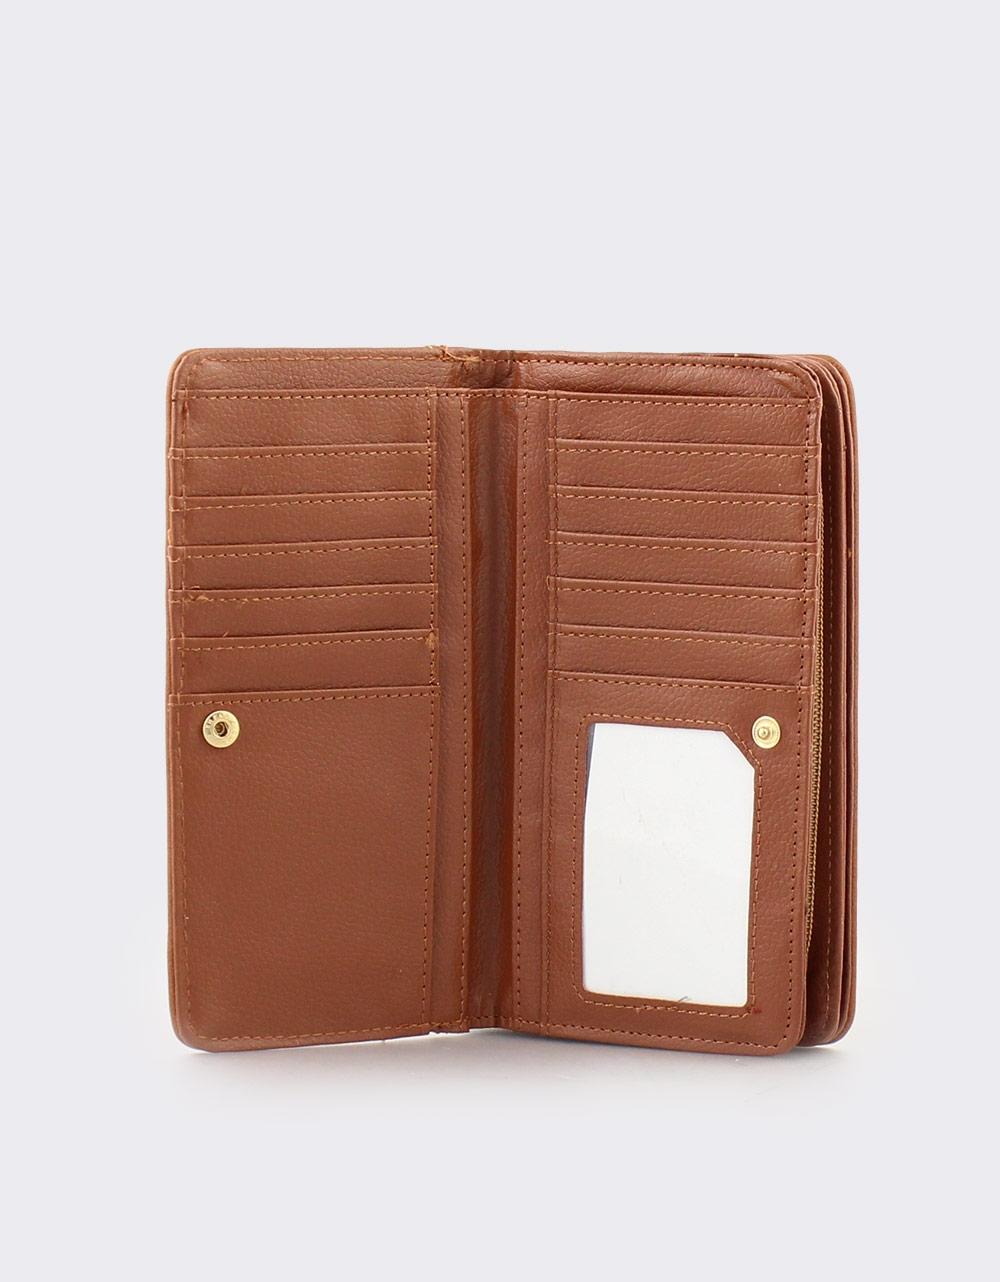 Εικόνα από Γυναικεία πορτοφόλια με λεπτομέρεια από ραφή Καφέ